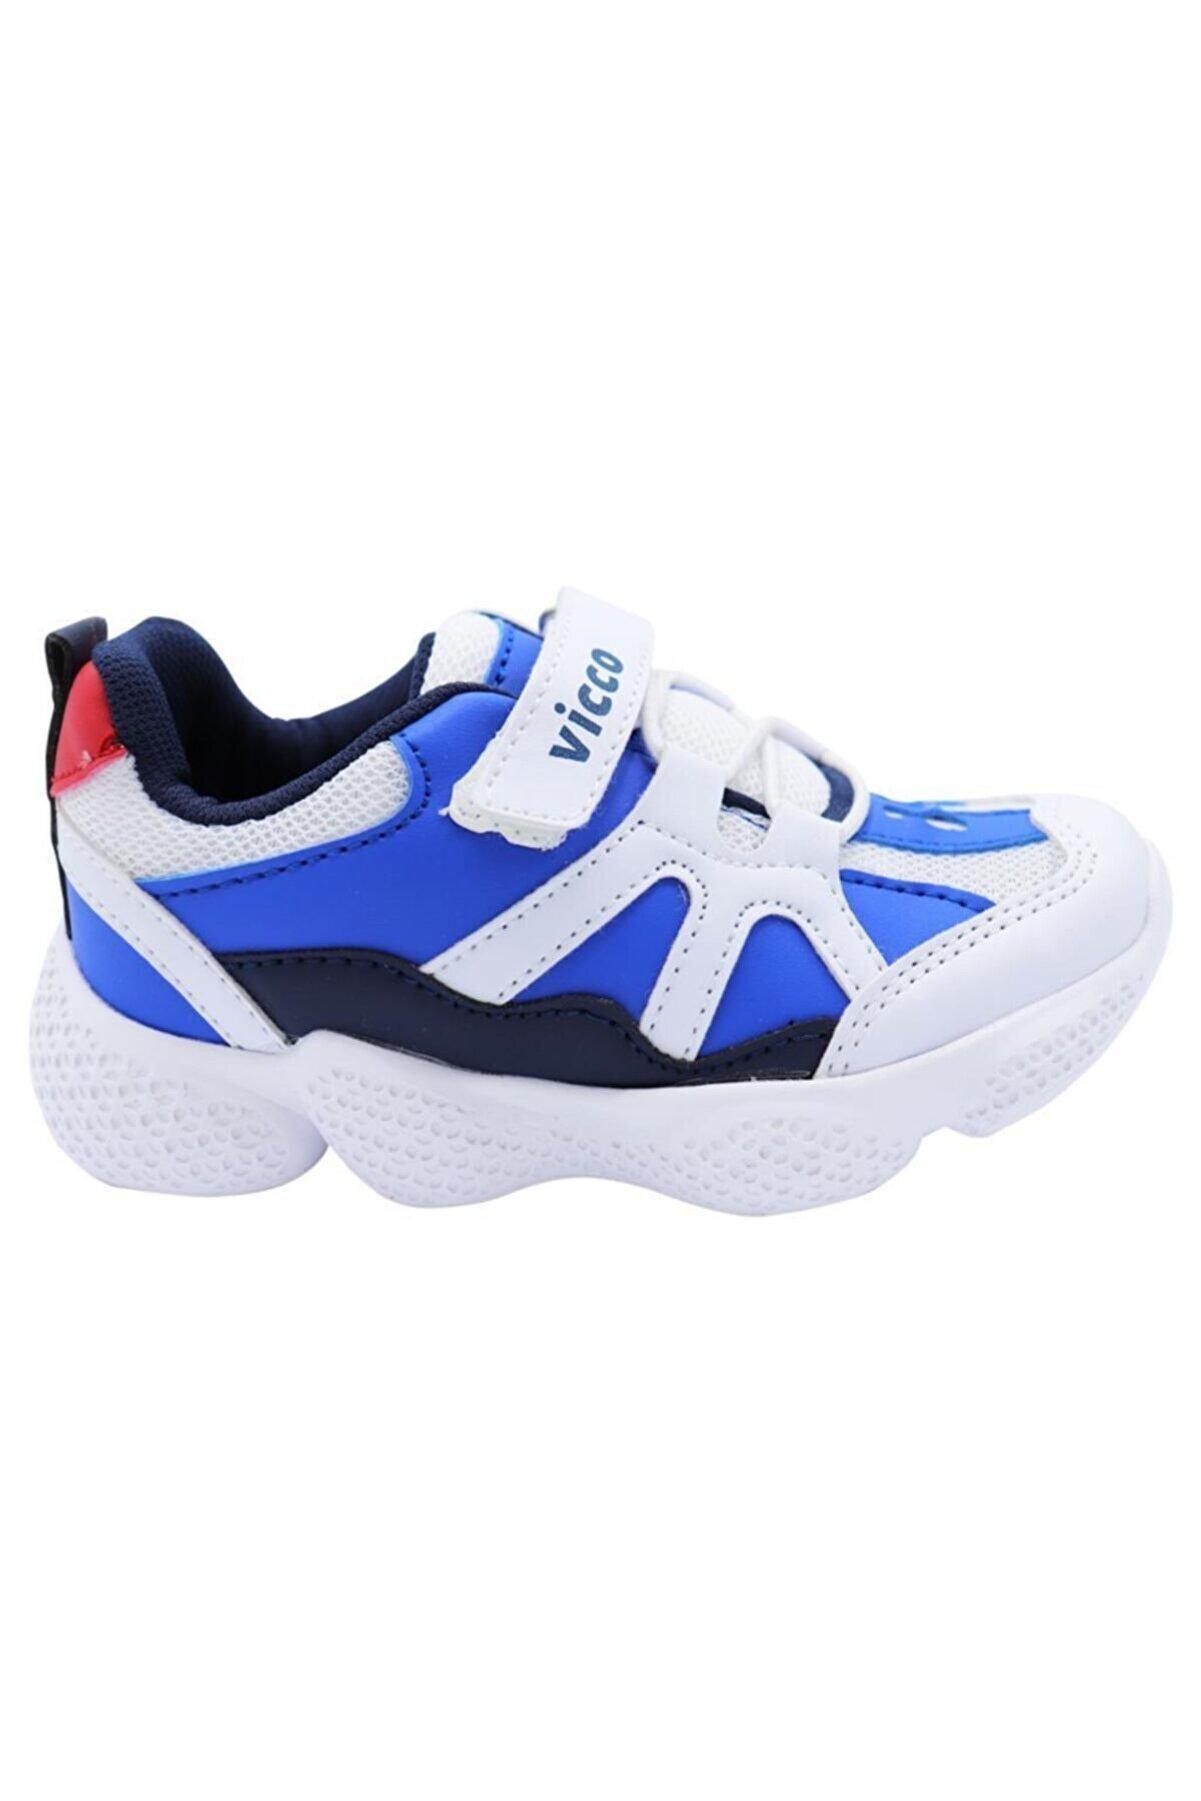 Vicco 346.P19K.133 Beyaz Erkek Çocuk Koşu Ayakkabısı 100578800